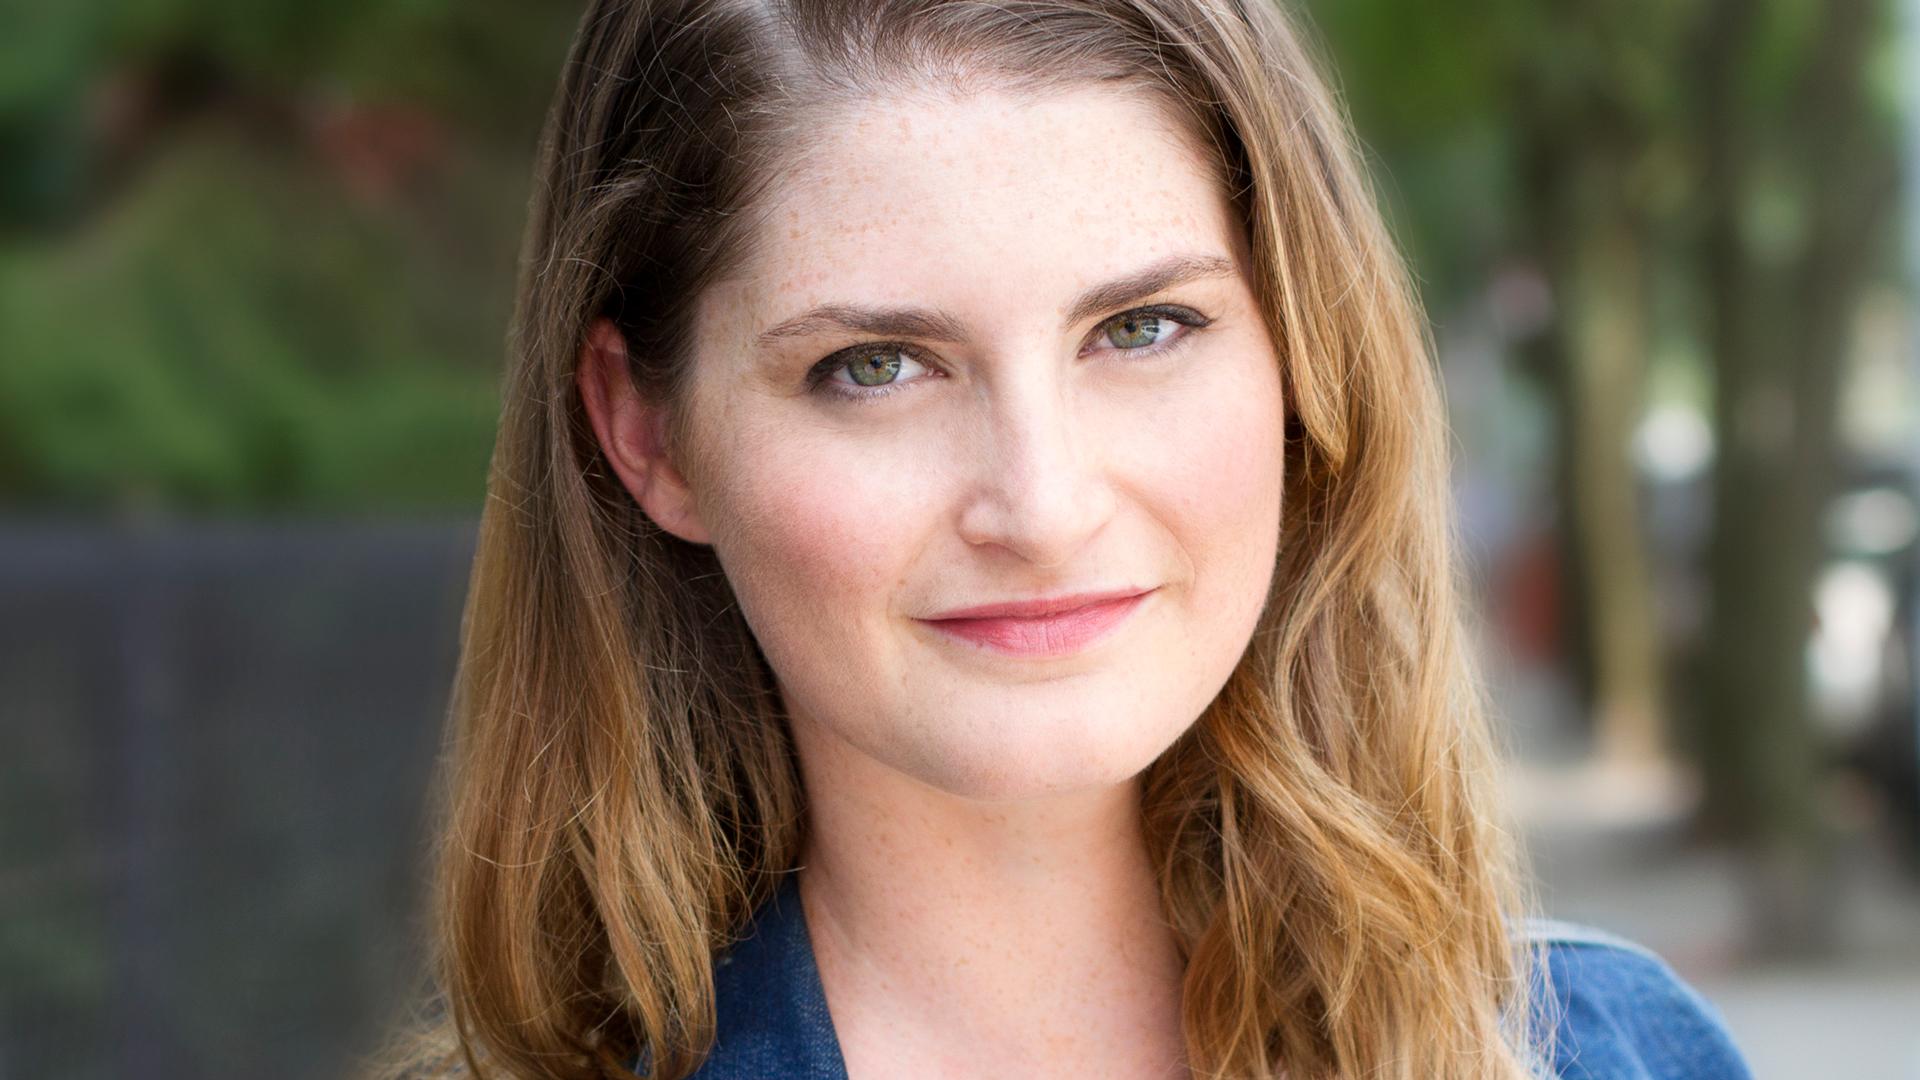 Sarah Hartman